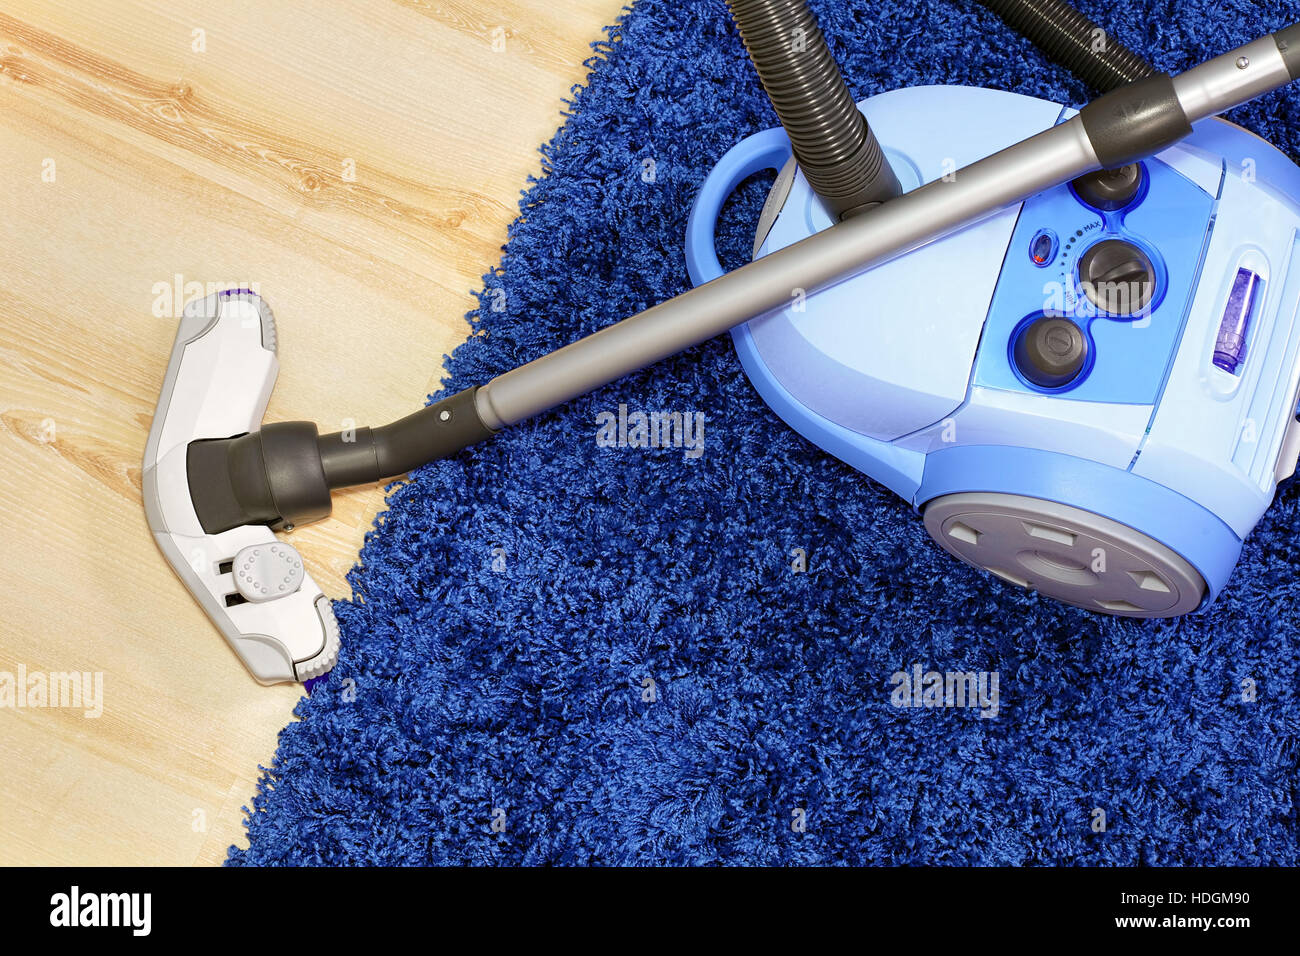 Leistungsstarke Staubsauger auf blauen Teppich stehen. Stockbild